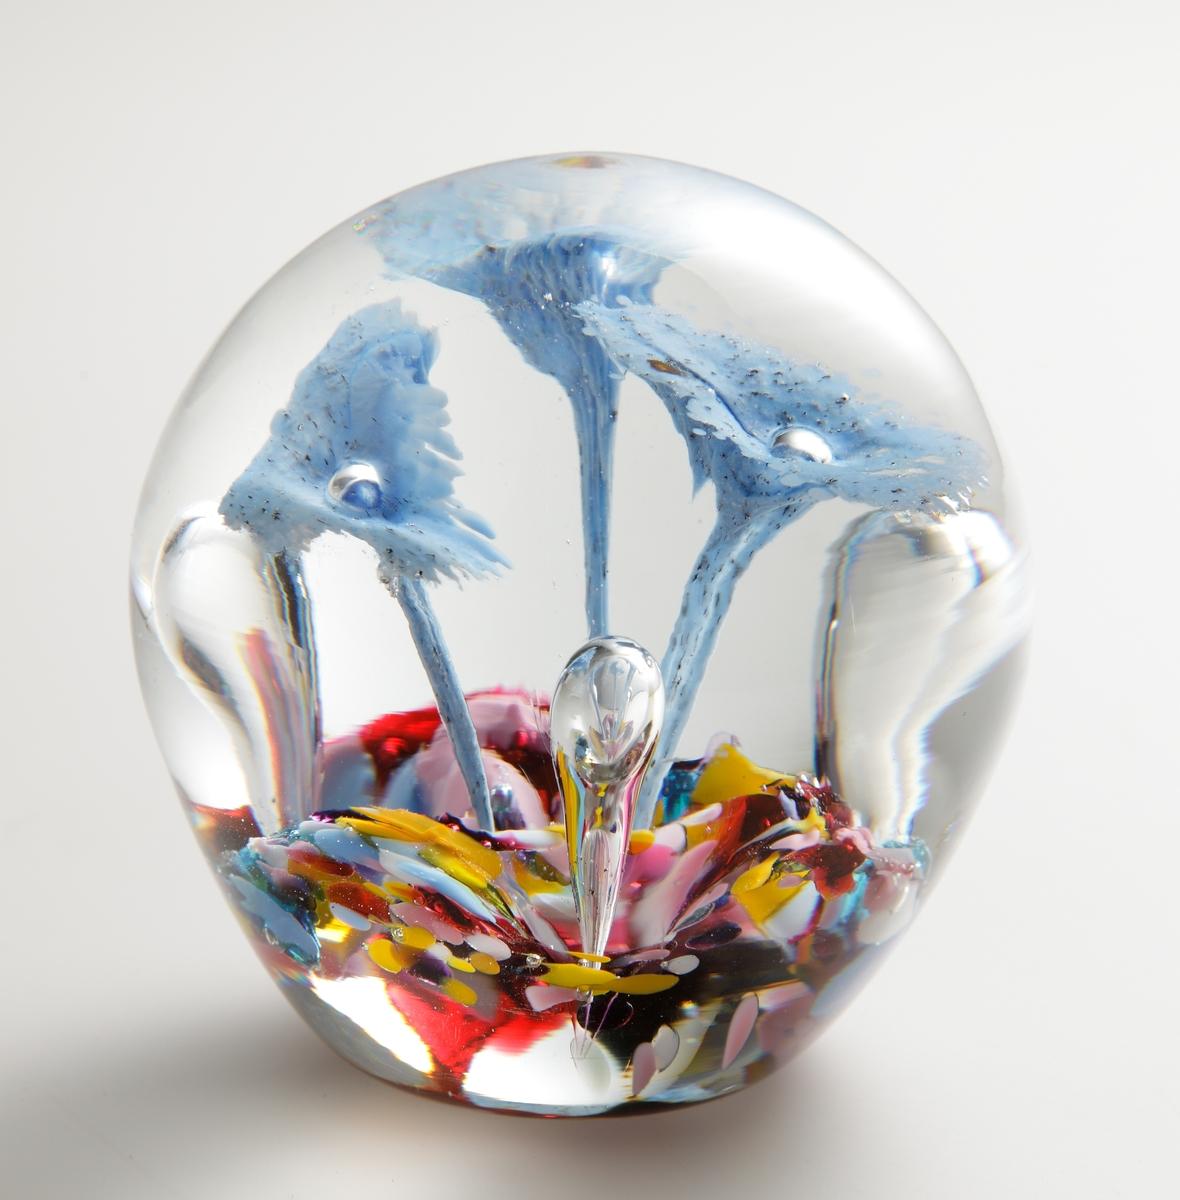 """Brevpress med botten av brokig glaskross i olika färger, ur vilken tre """"svampar"""" i blått reser sig, tillsammans med tre stående luftbubblor. Kompositionen är innesluten i ofärgat glas."""